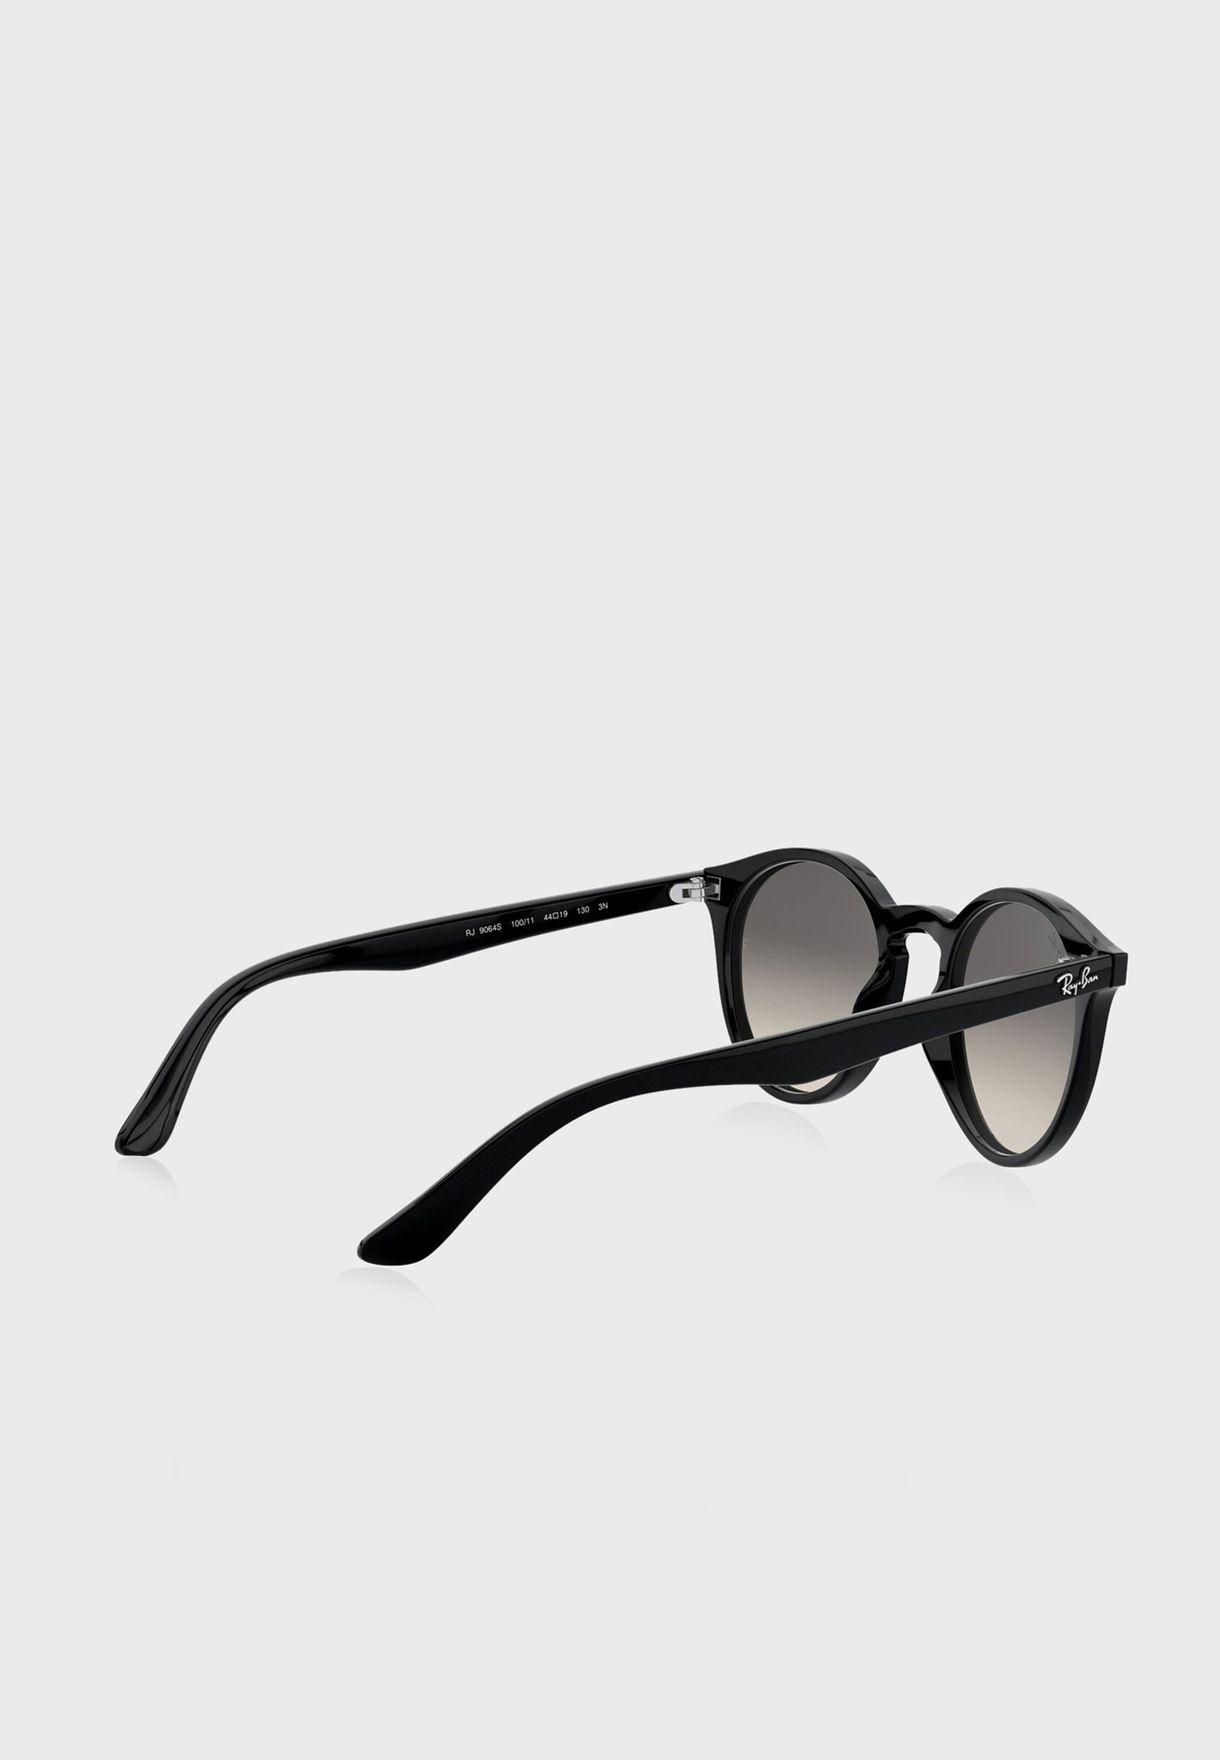 نظارة شمسية بعدسات دائرية 0Rj9064S